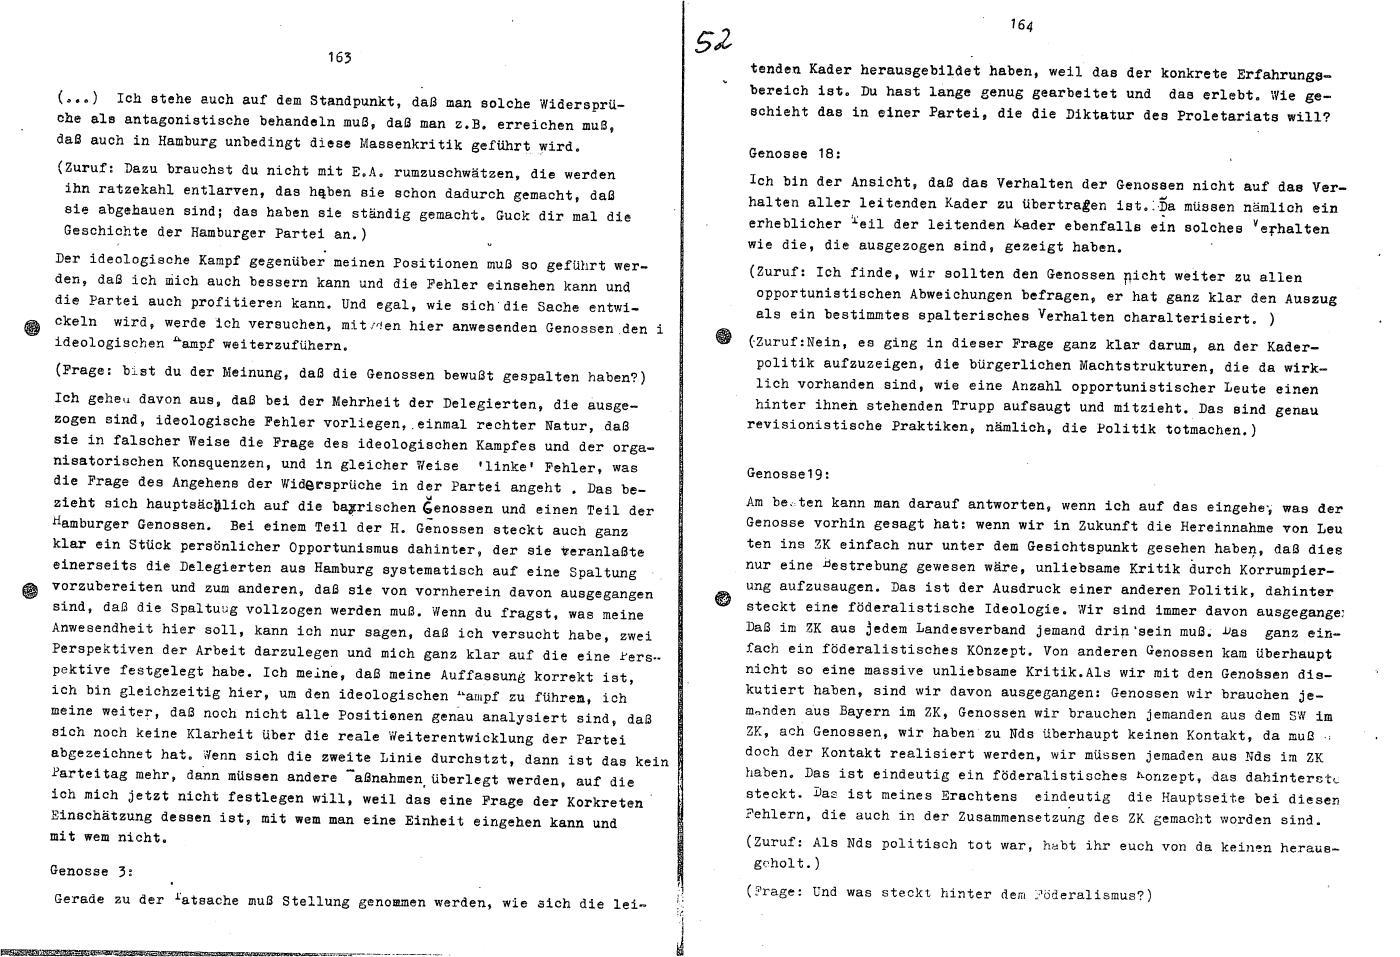 KPDML_1971_Wortprotokolle_aoPt_106